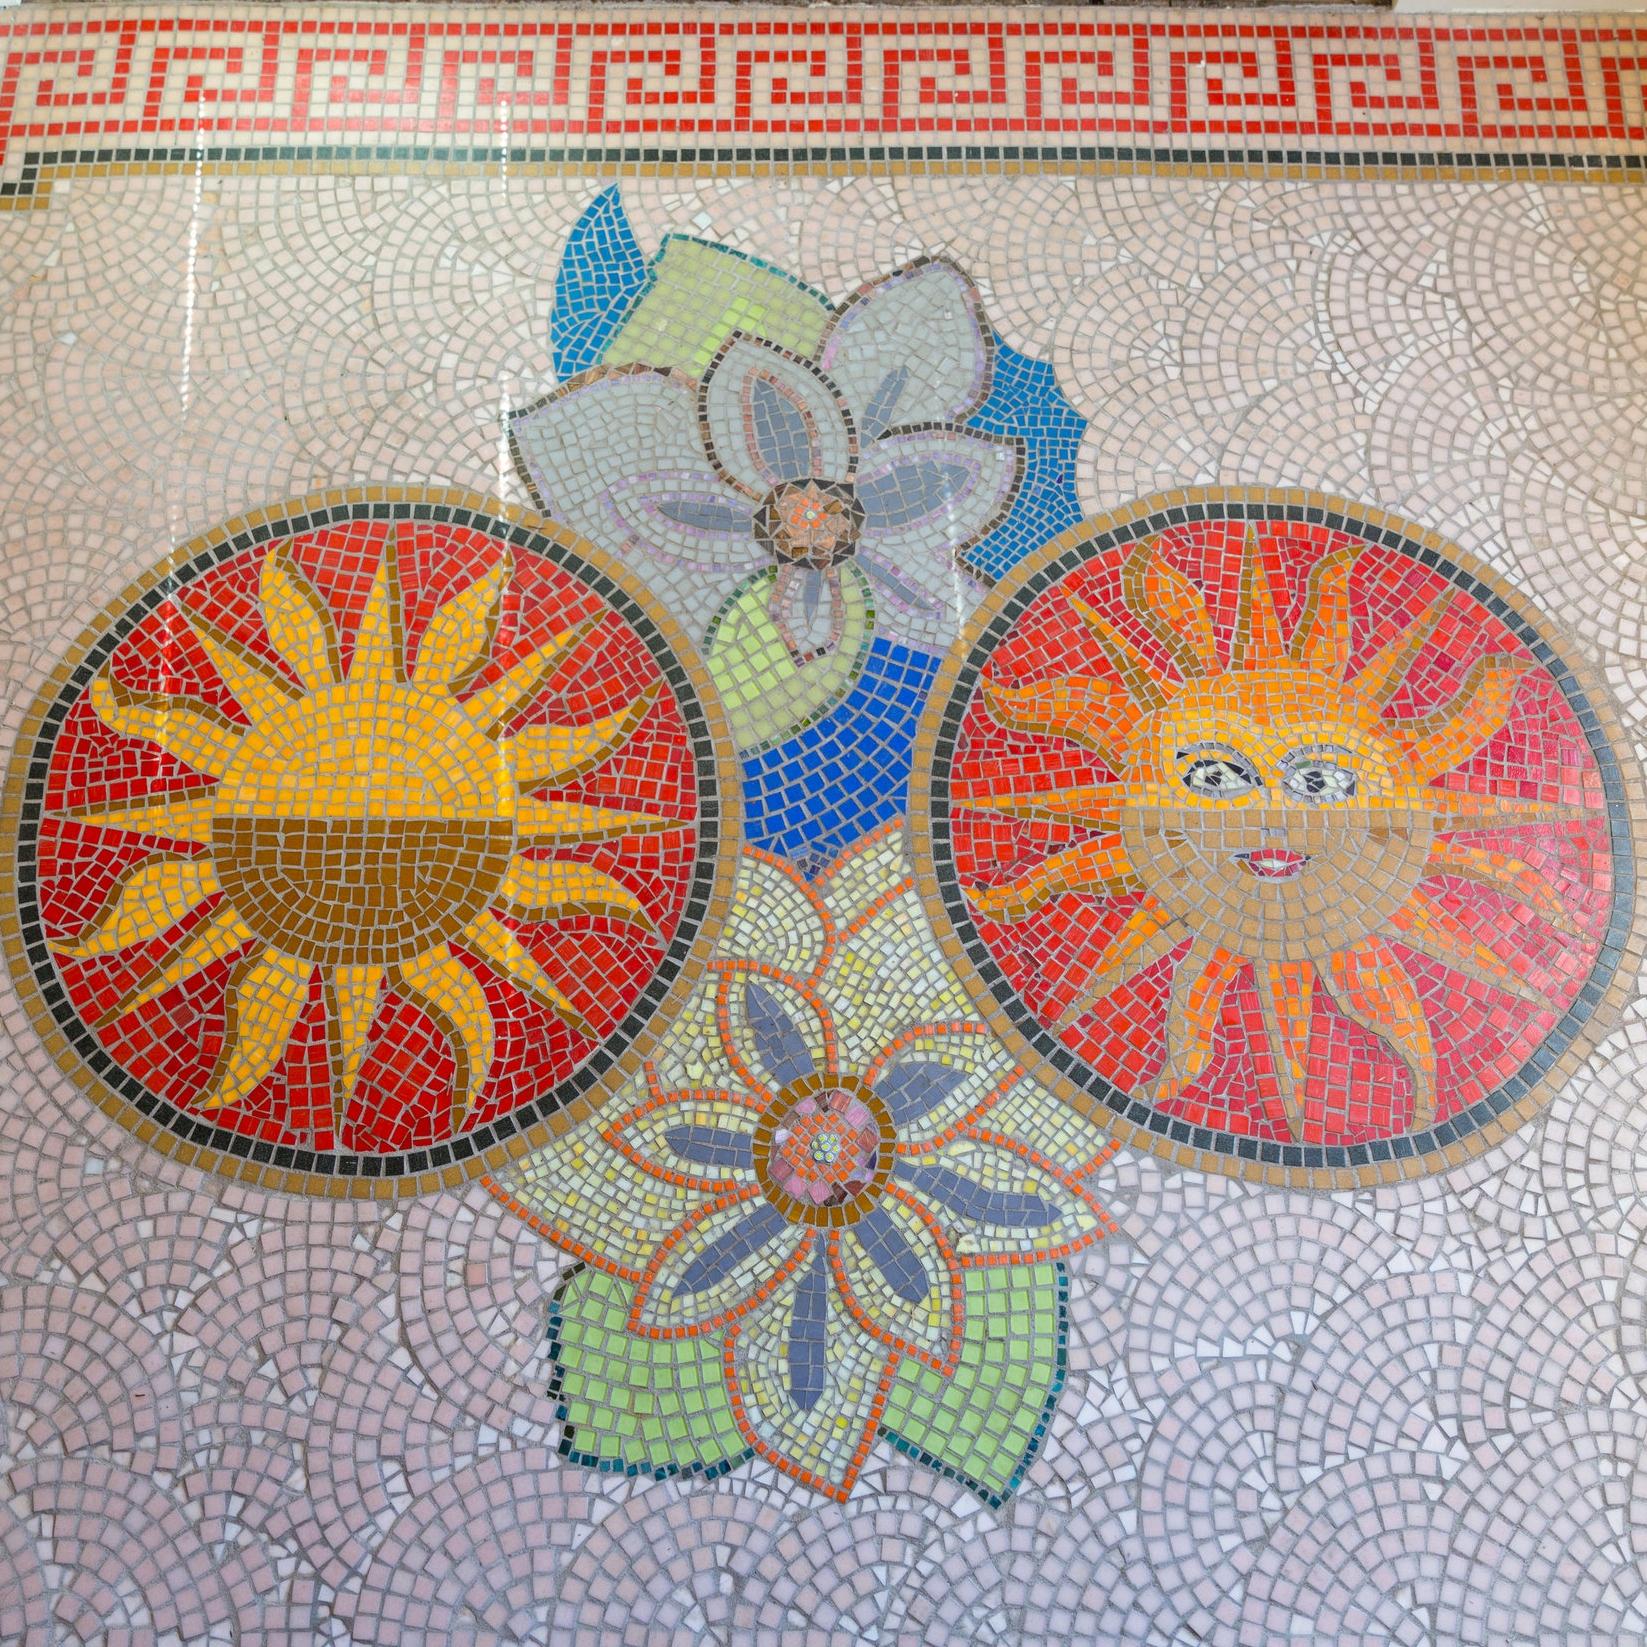 SOUL OF THE SUN FLOOR 12' x 8'